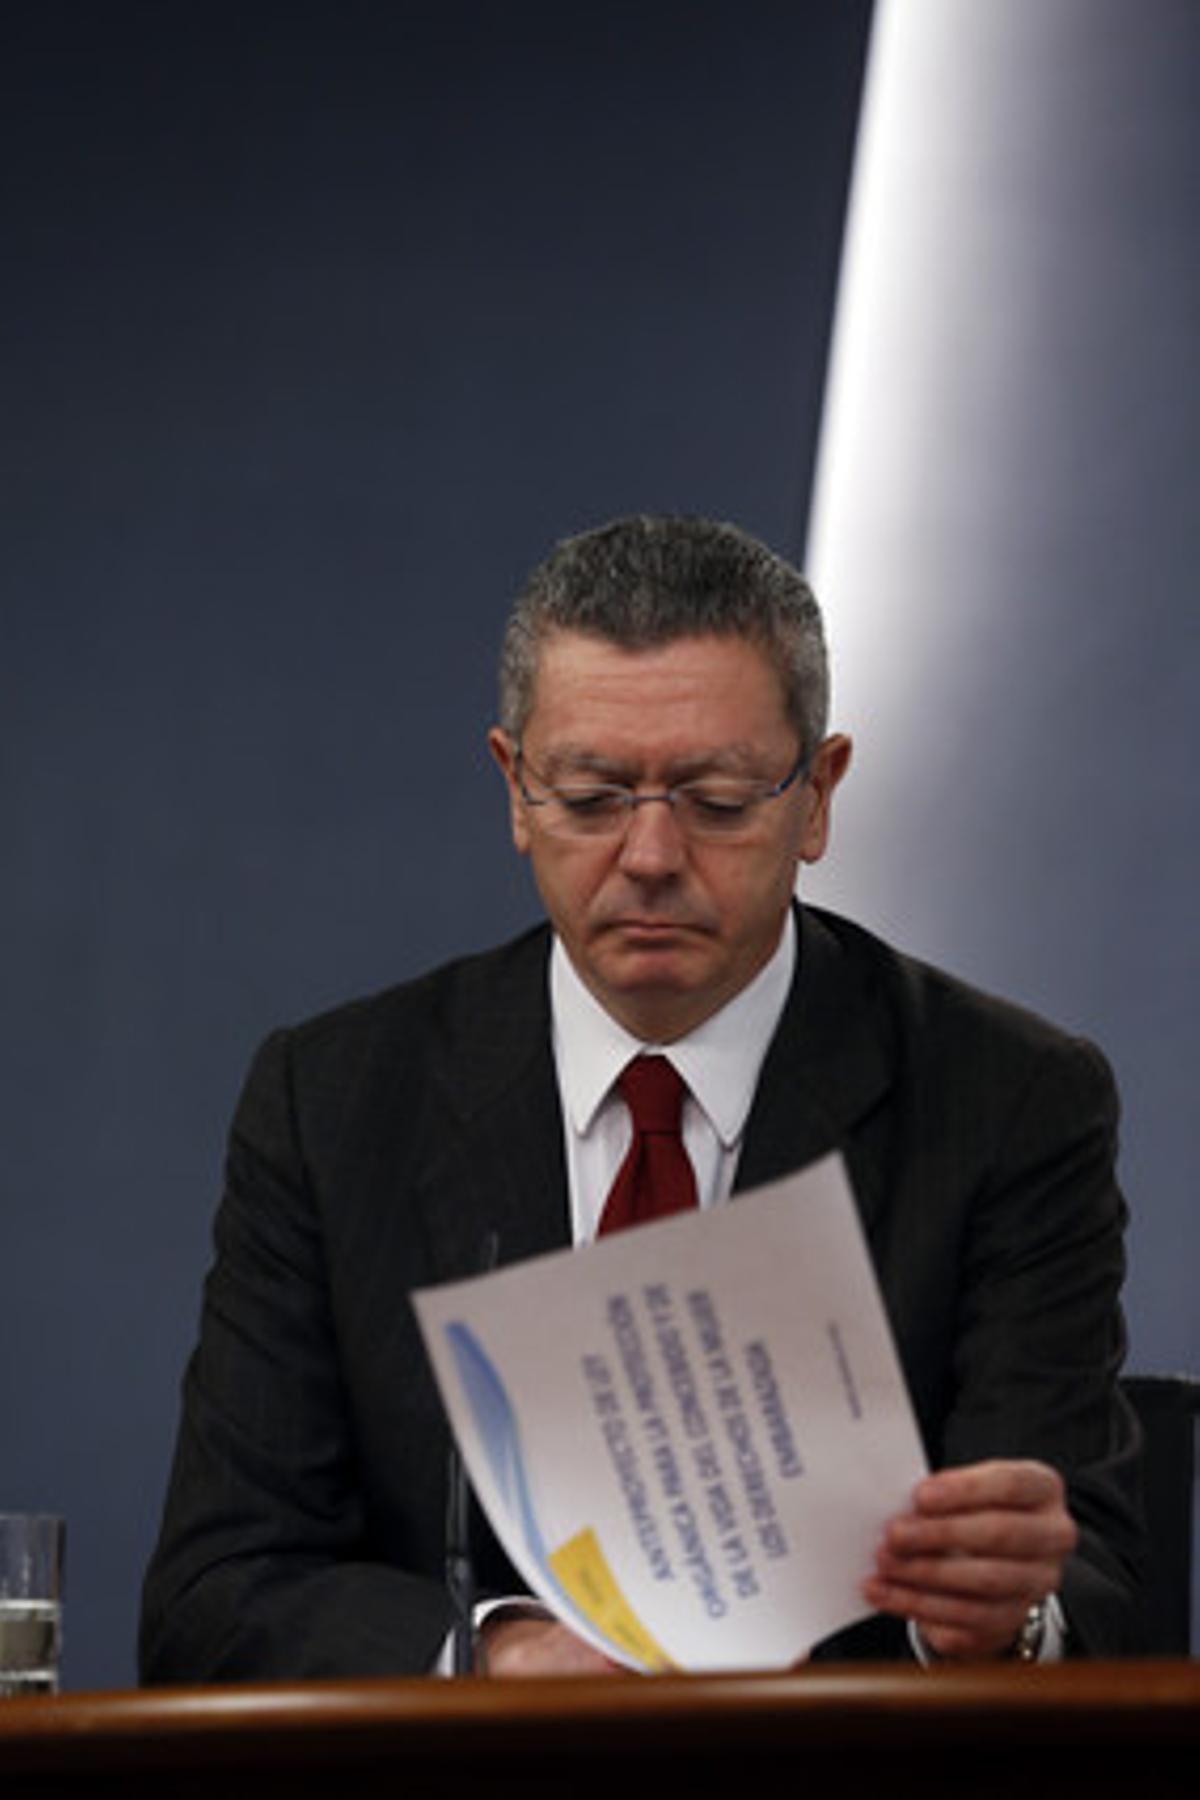 El ministro de Justicia, Alberto Ruiz-Gallardón, después de una rueda de prensa